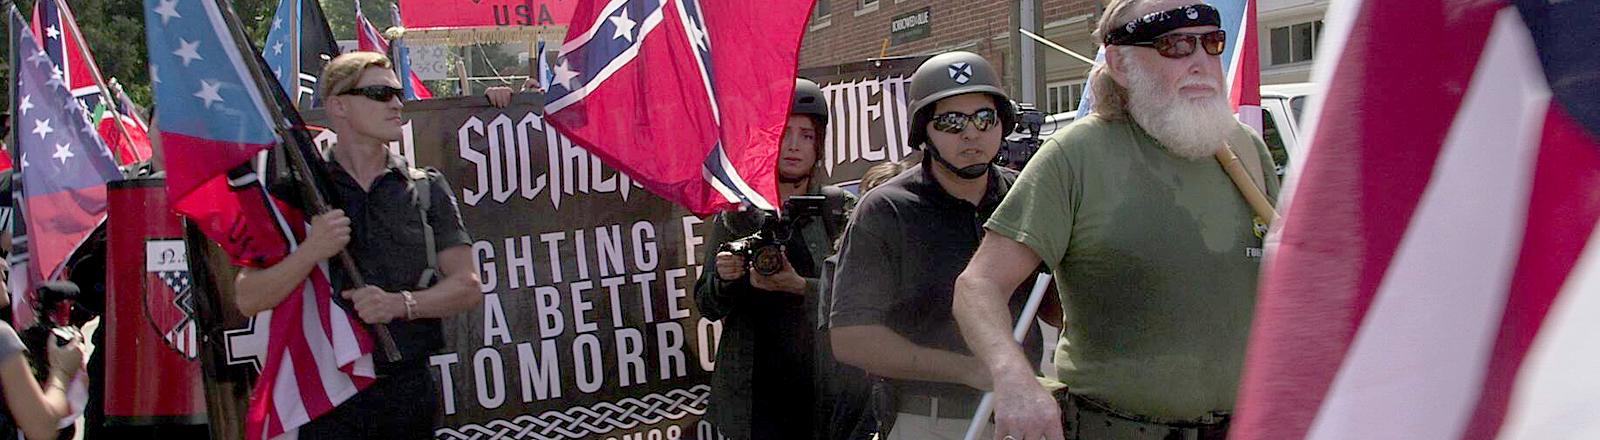 Demonstranten mit USA-Flaggen und rechten Symbolen.